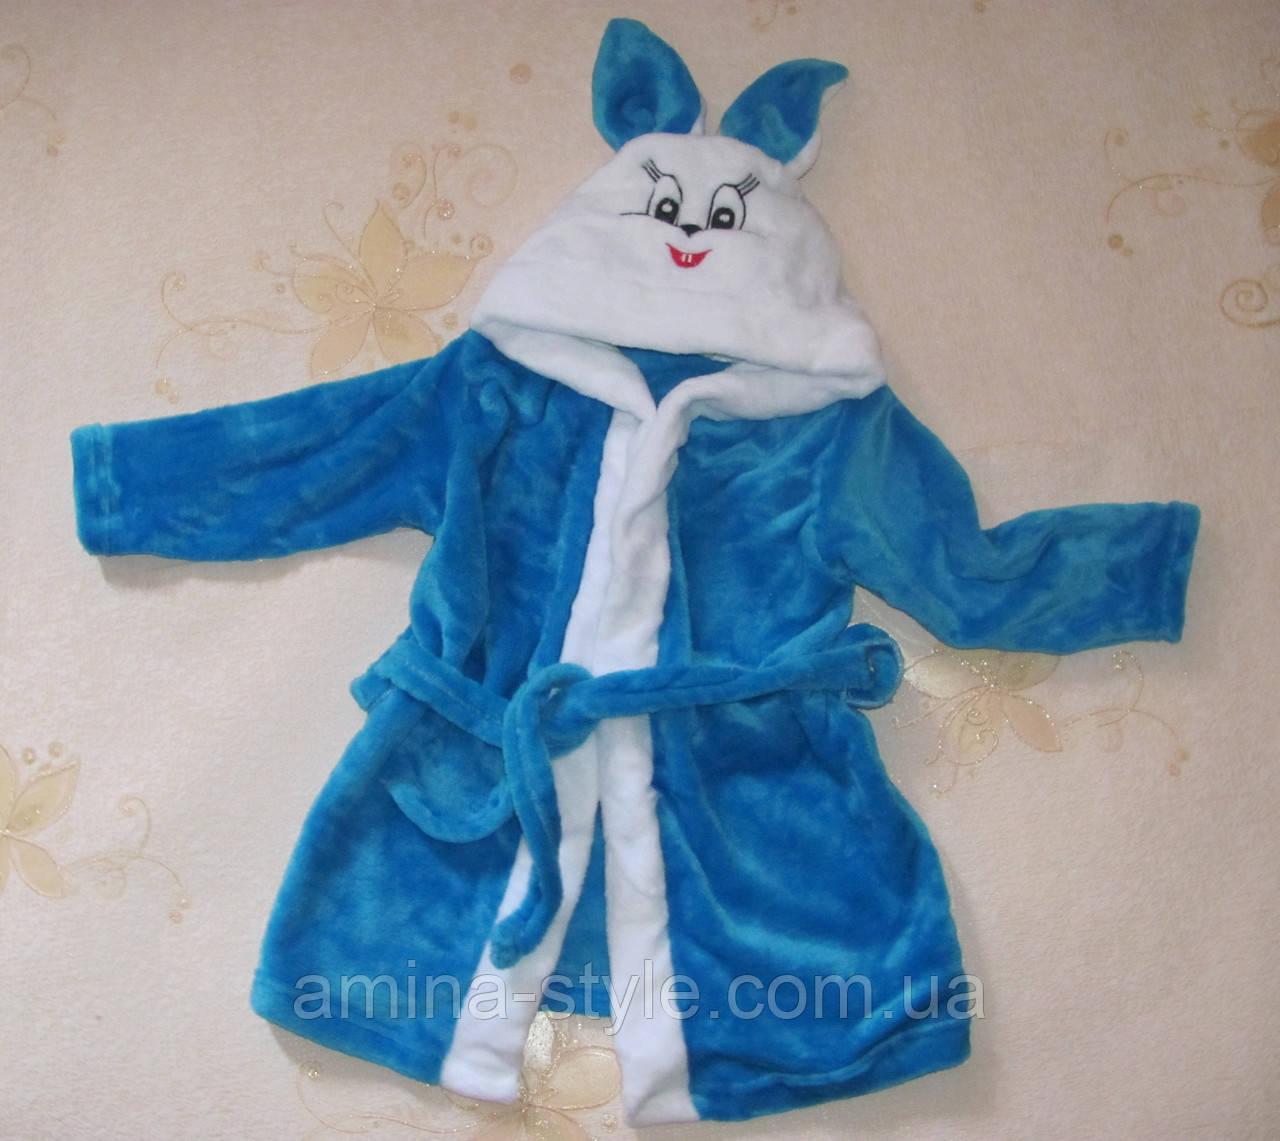 Детский махровый халат Зайка, СИНИЙ 30 (рост 98-110см)